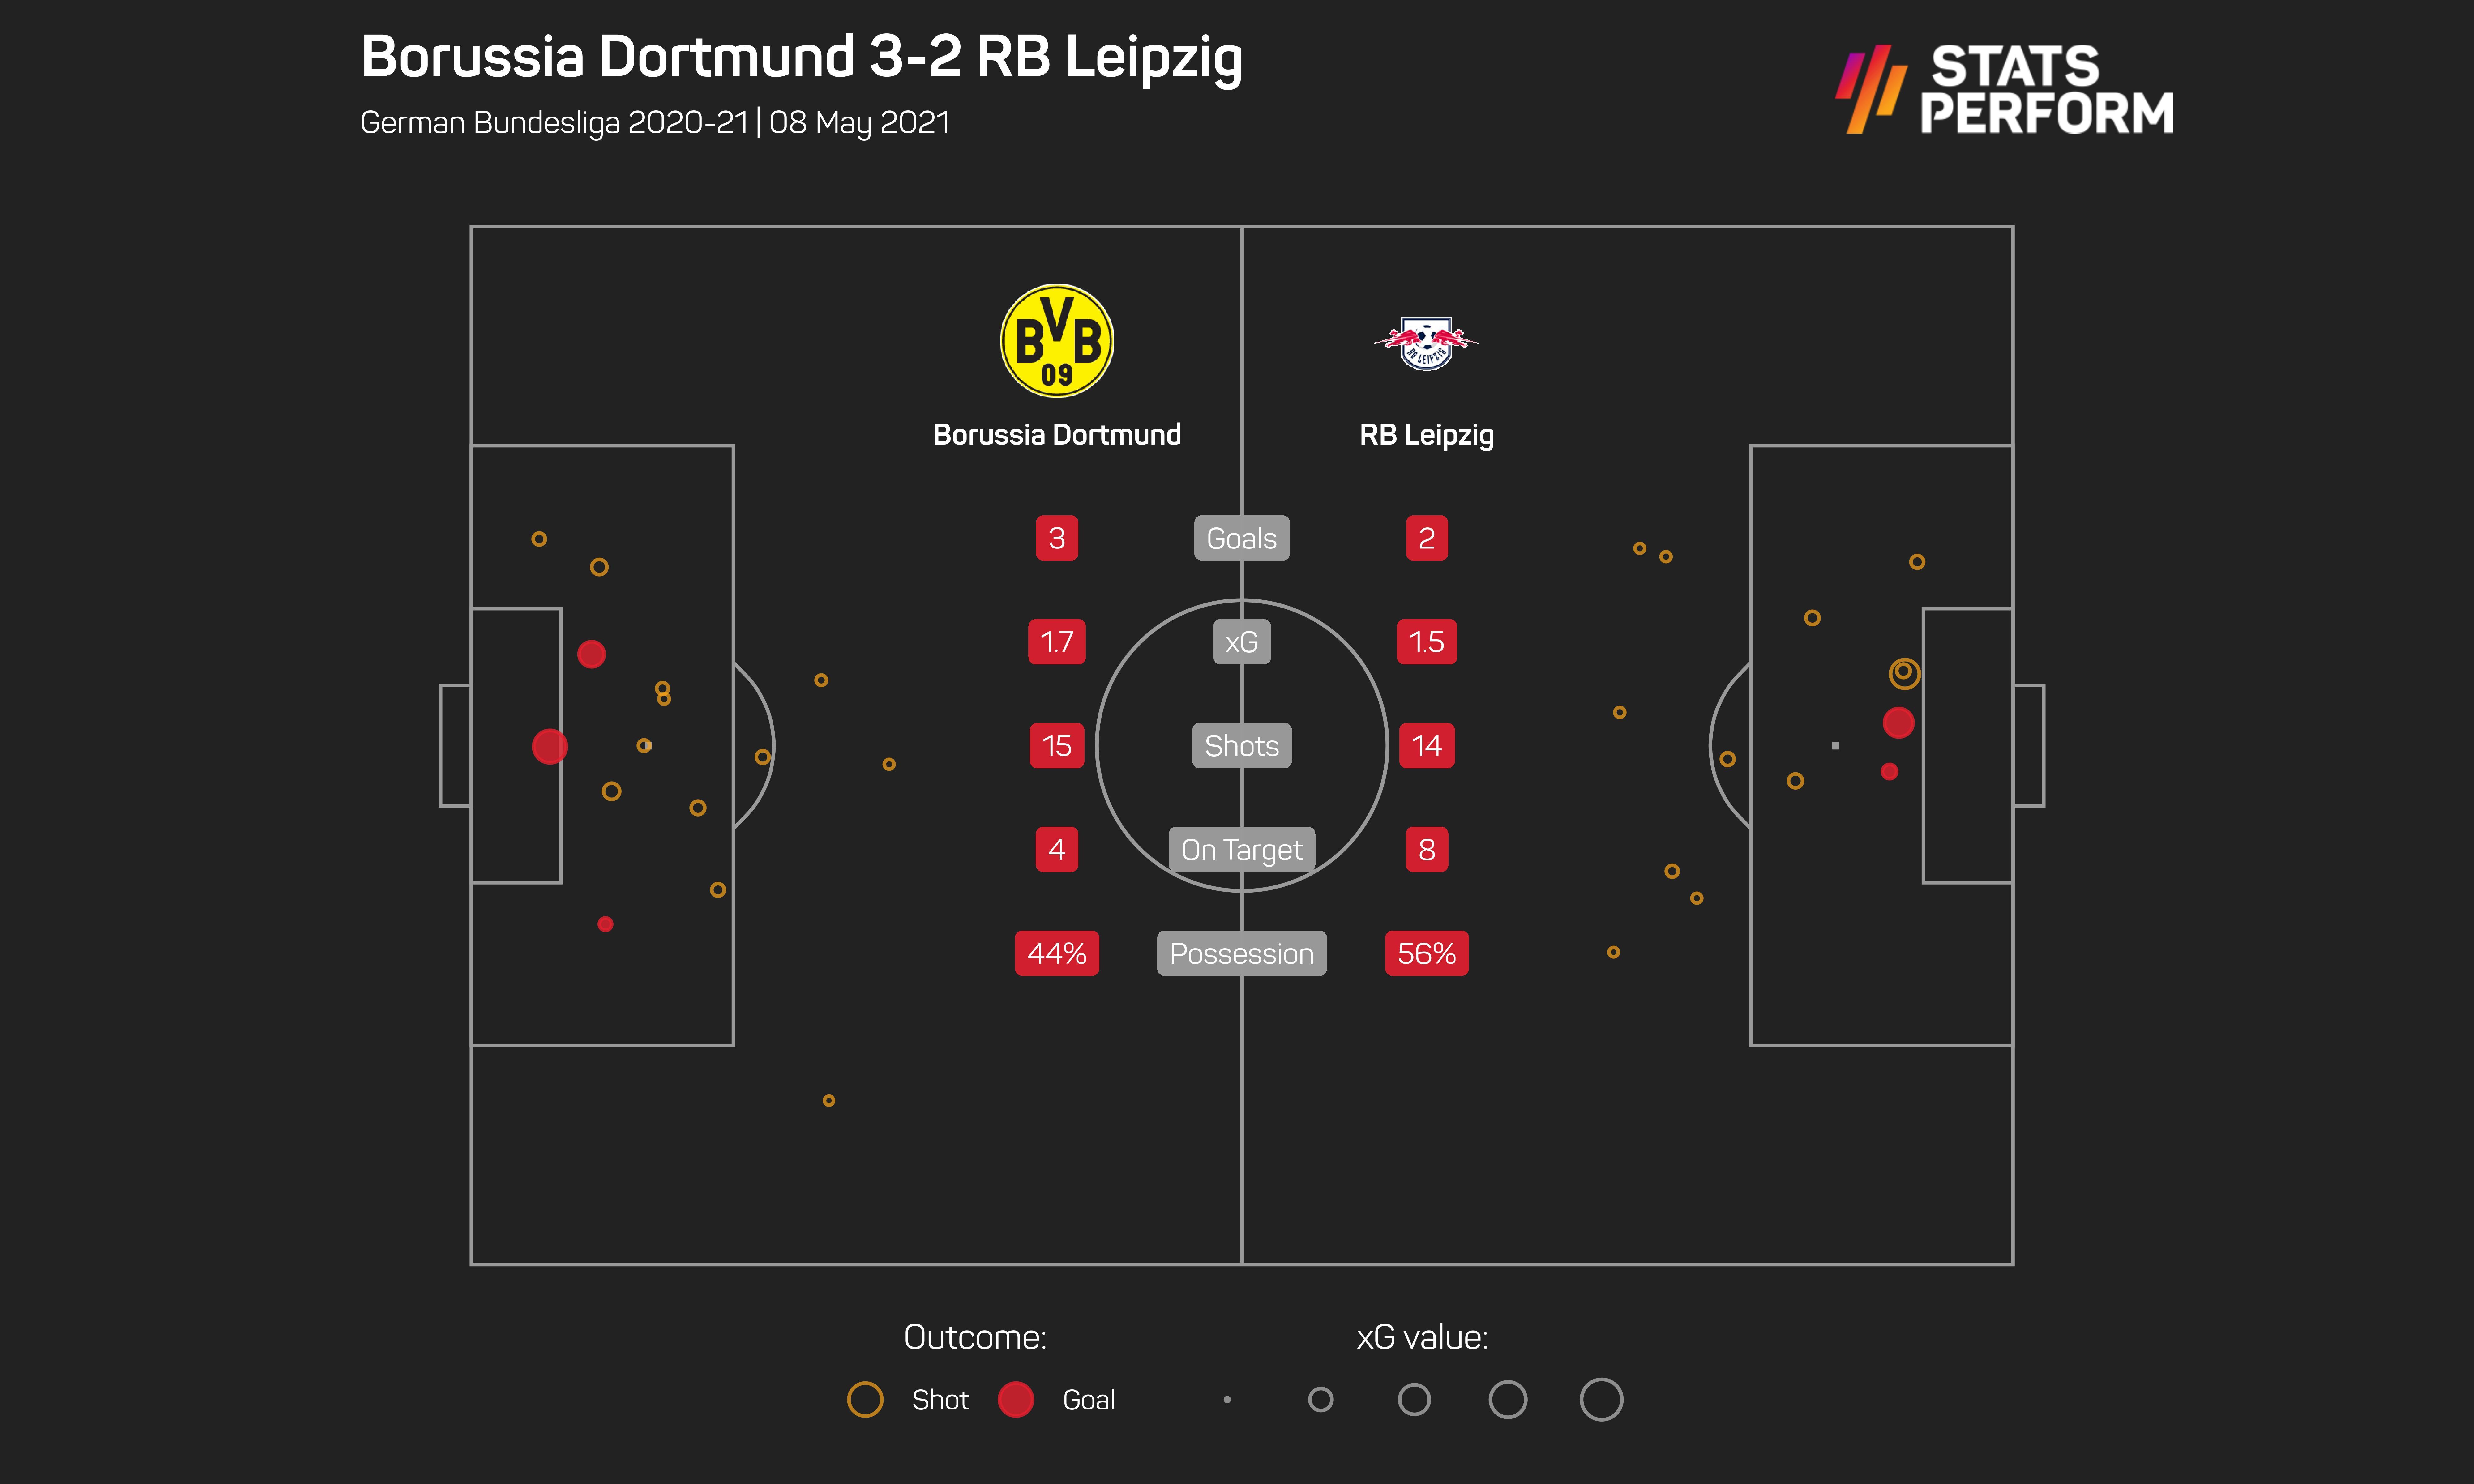 Dortmund v Leipzig Opta/SPN graphic